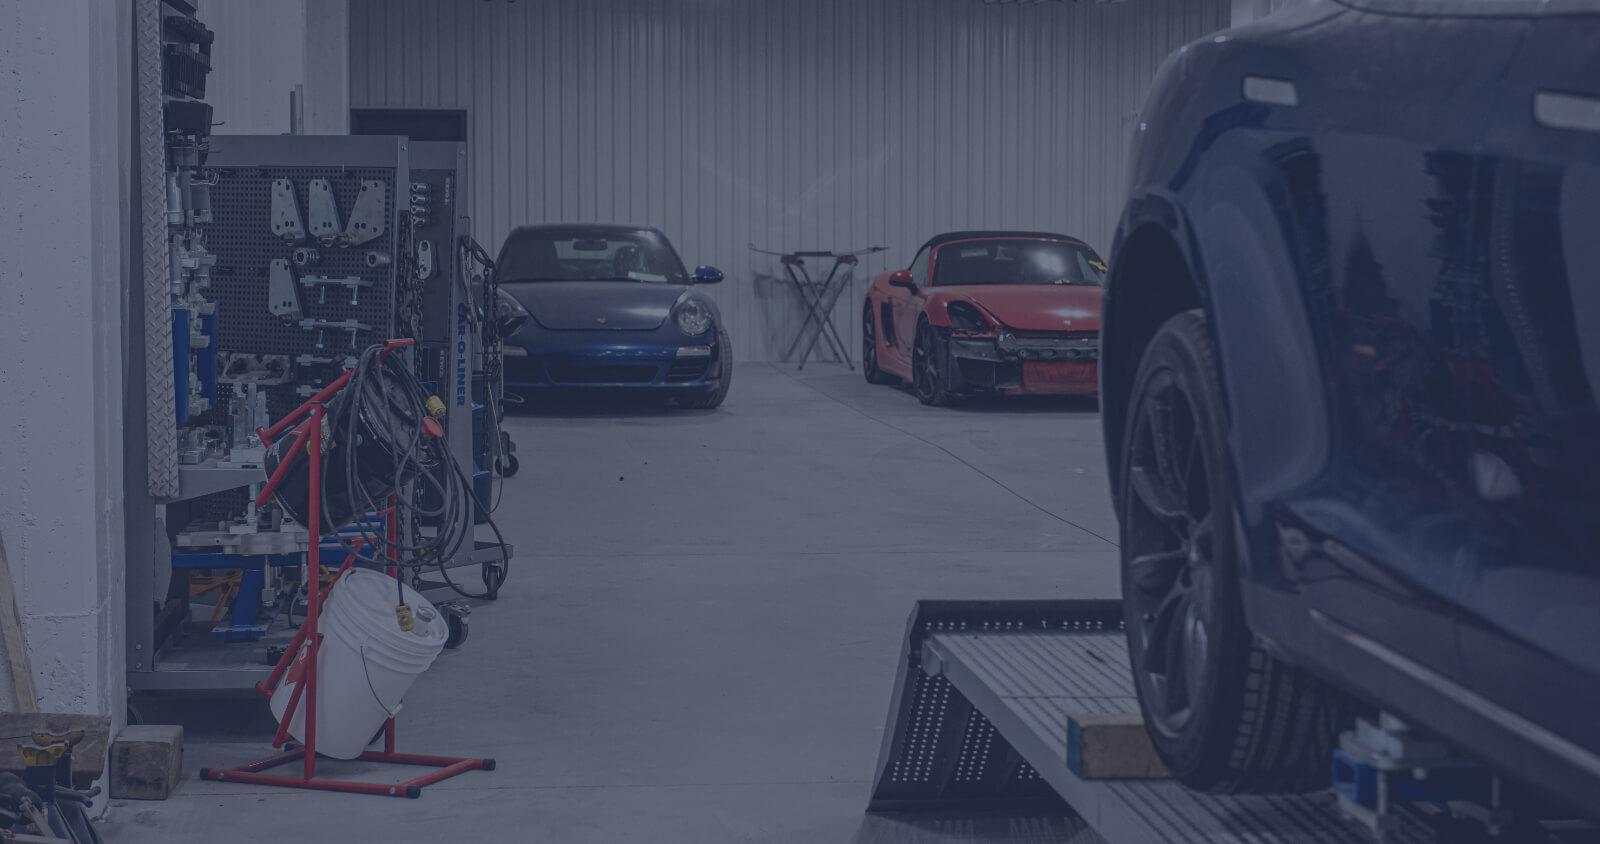 L'Expert Carrossier - Équipement Car O Liner et véhicules Ferrari en réparation